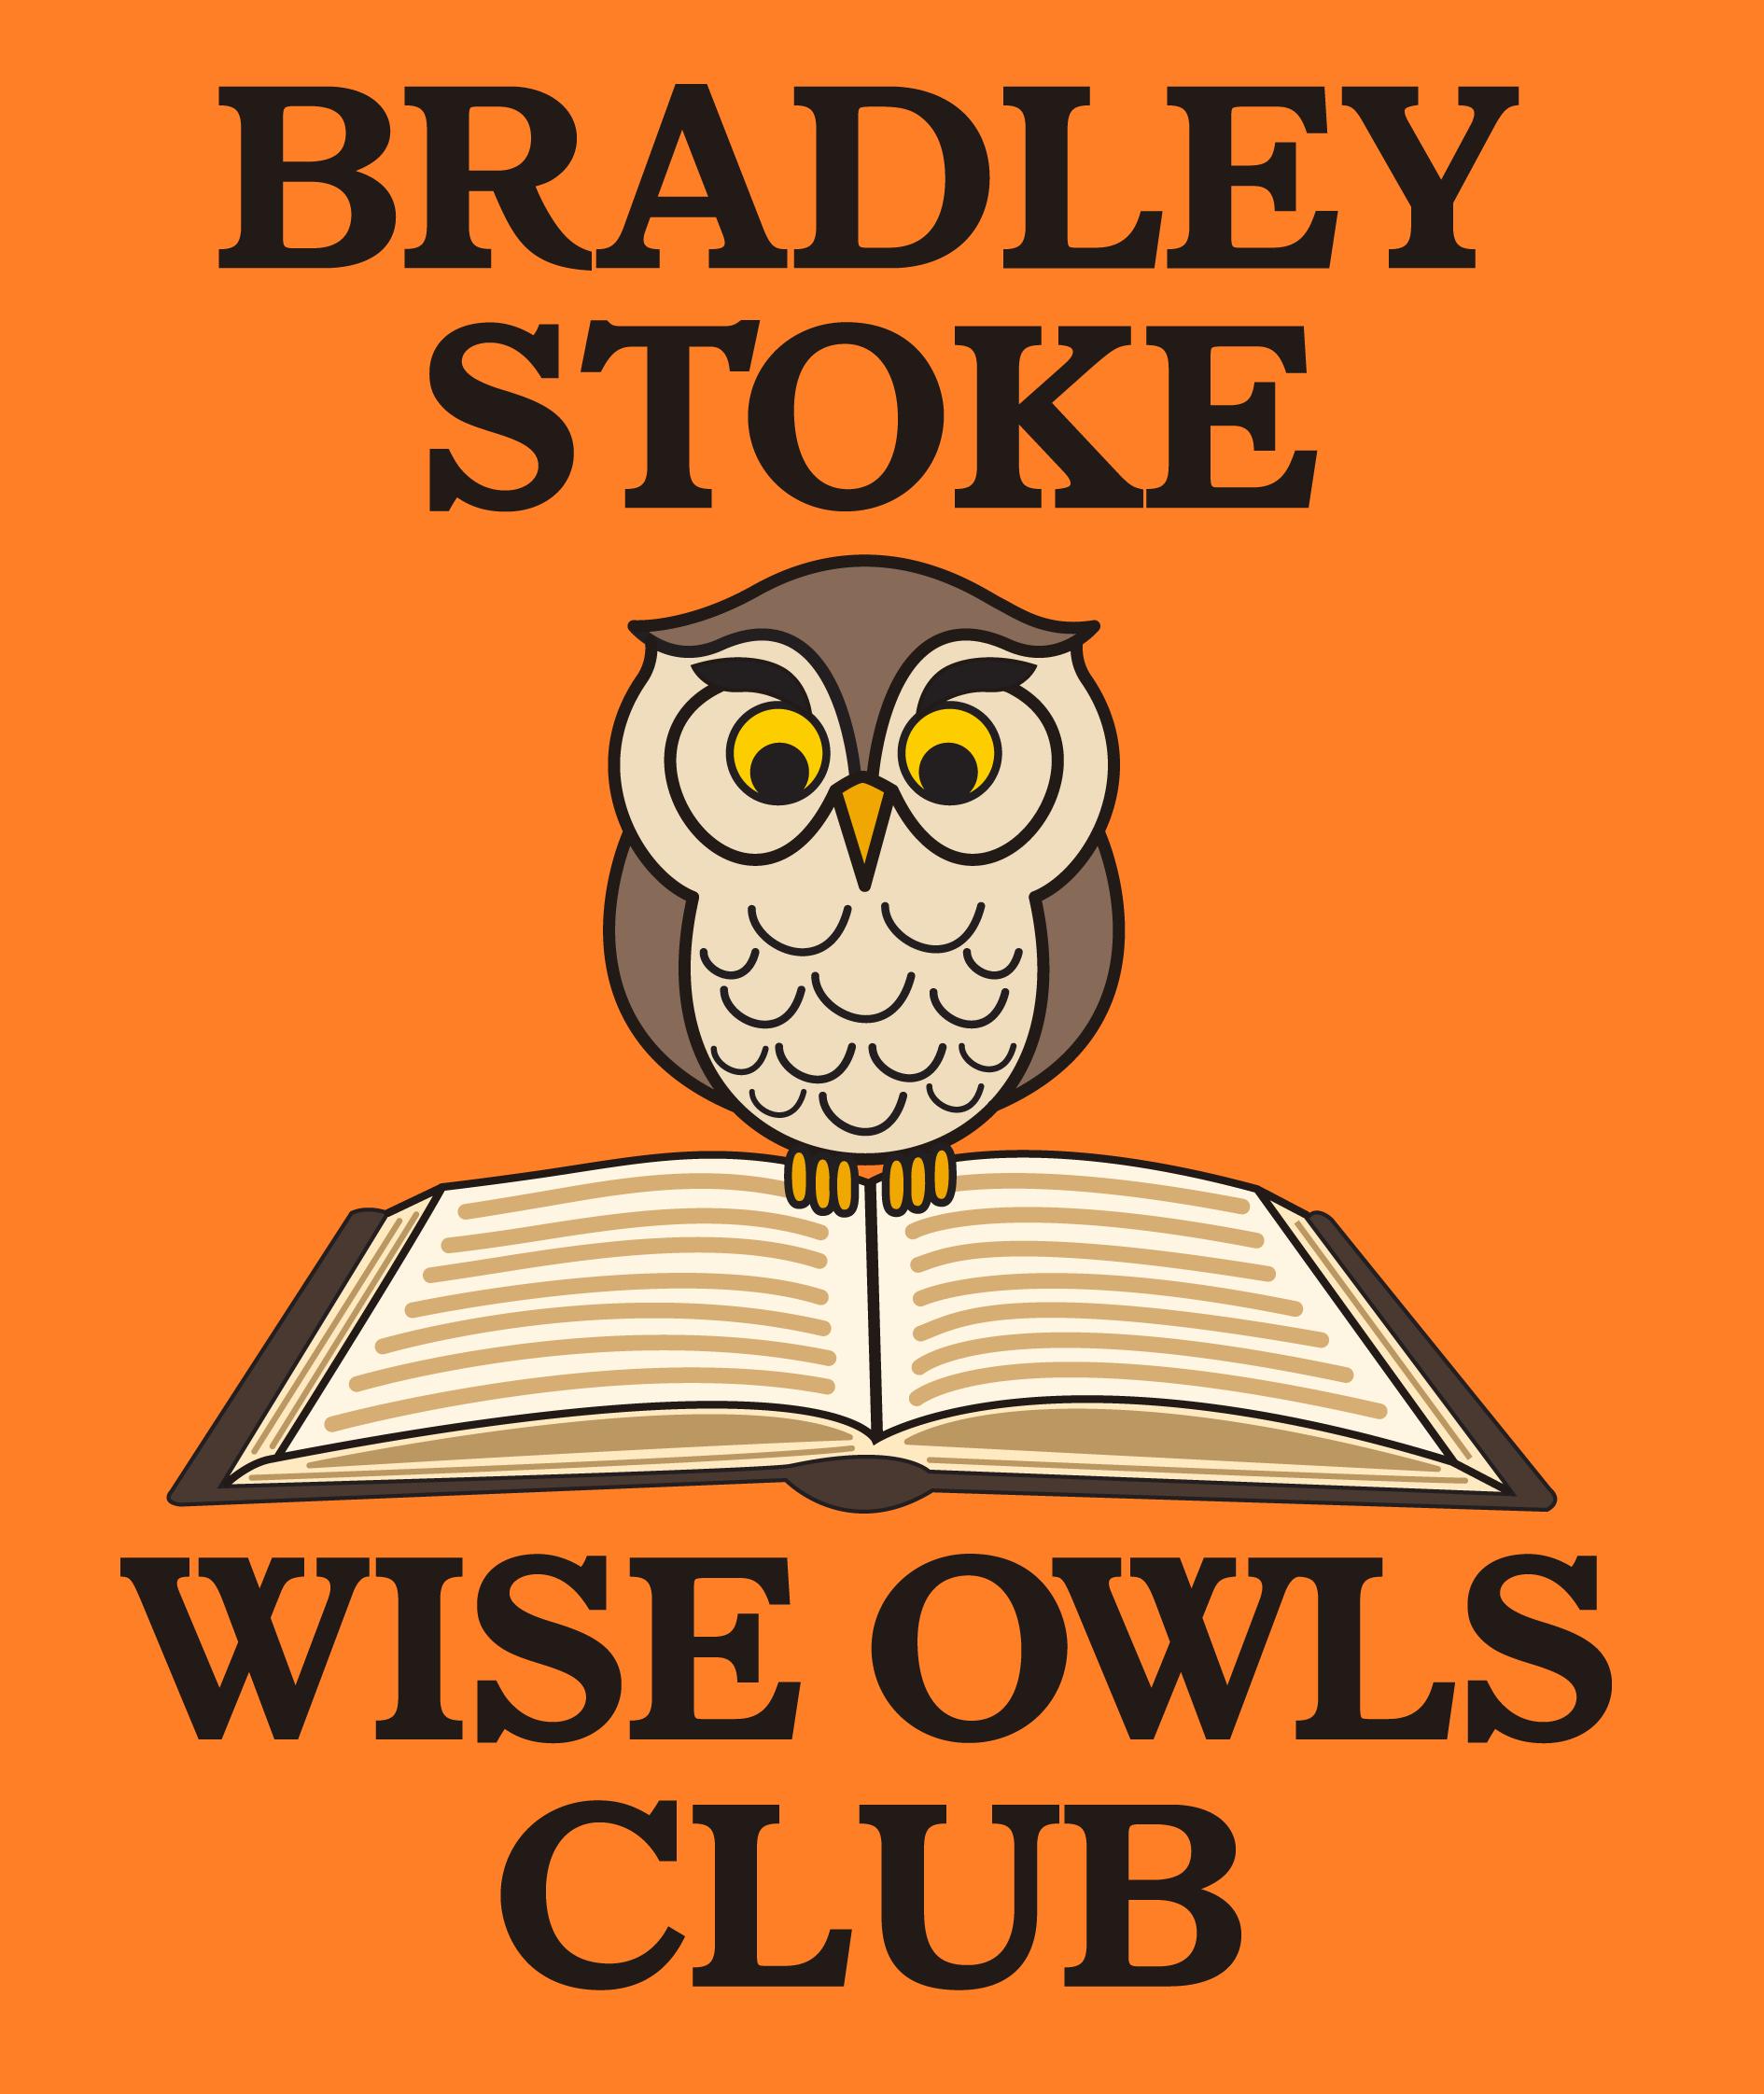 Bradley Stoke Wise Owls Club